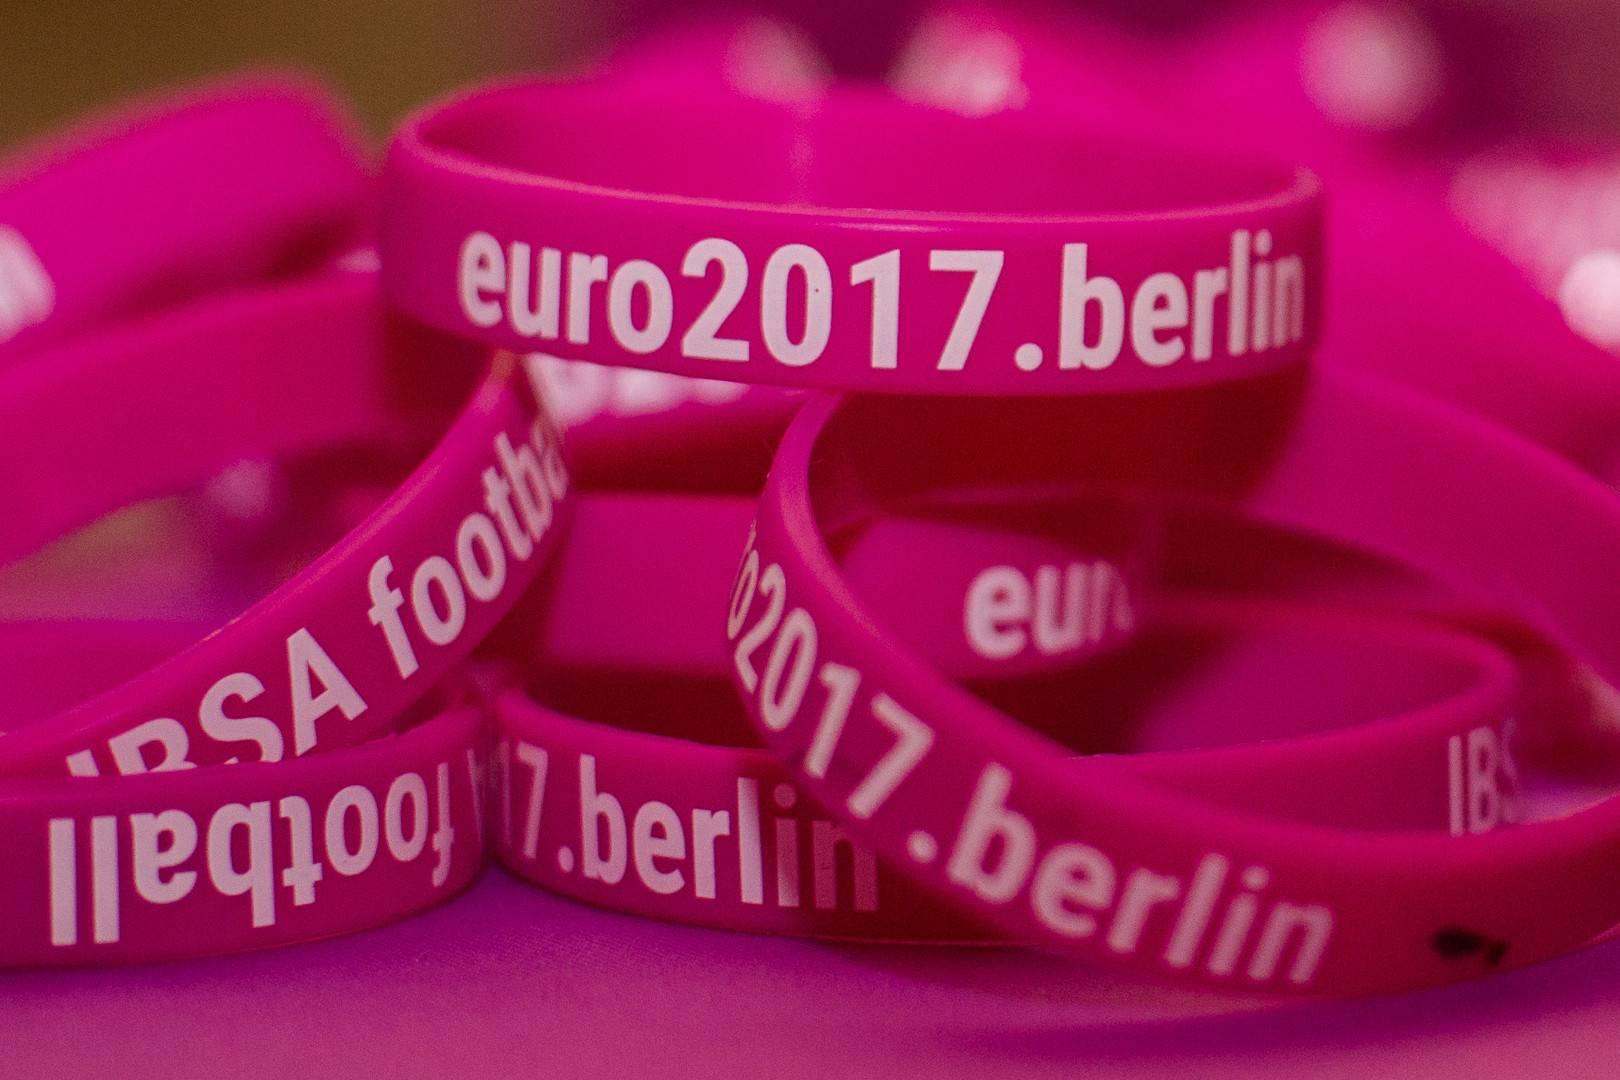 Schriftzug der EURO2017 auf vielen Armbändern